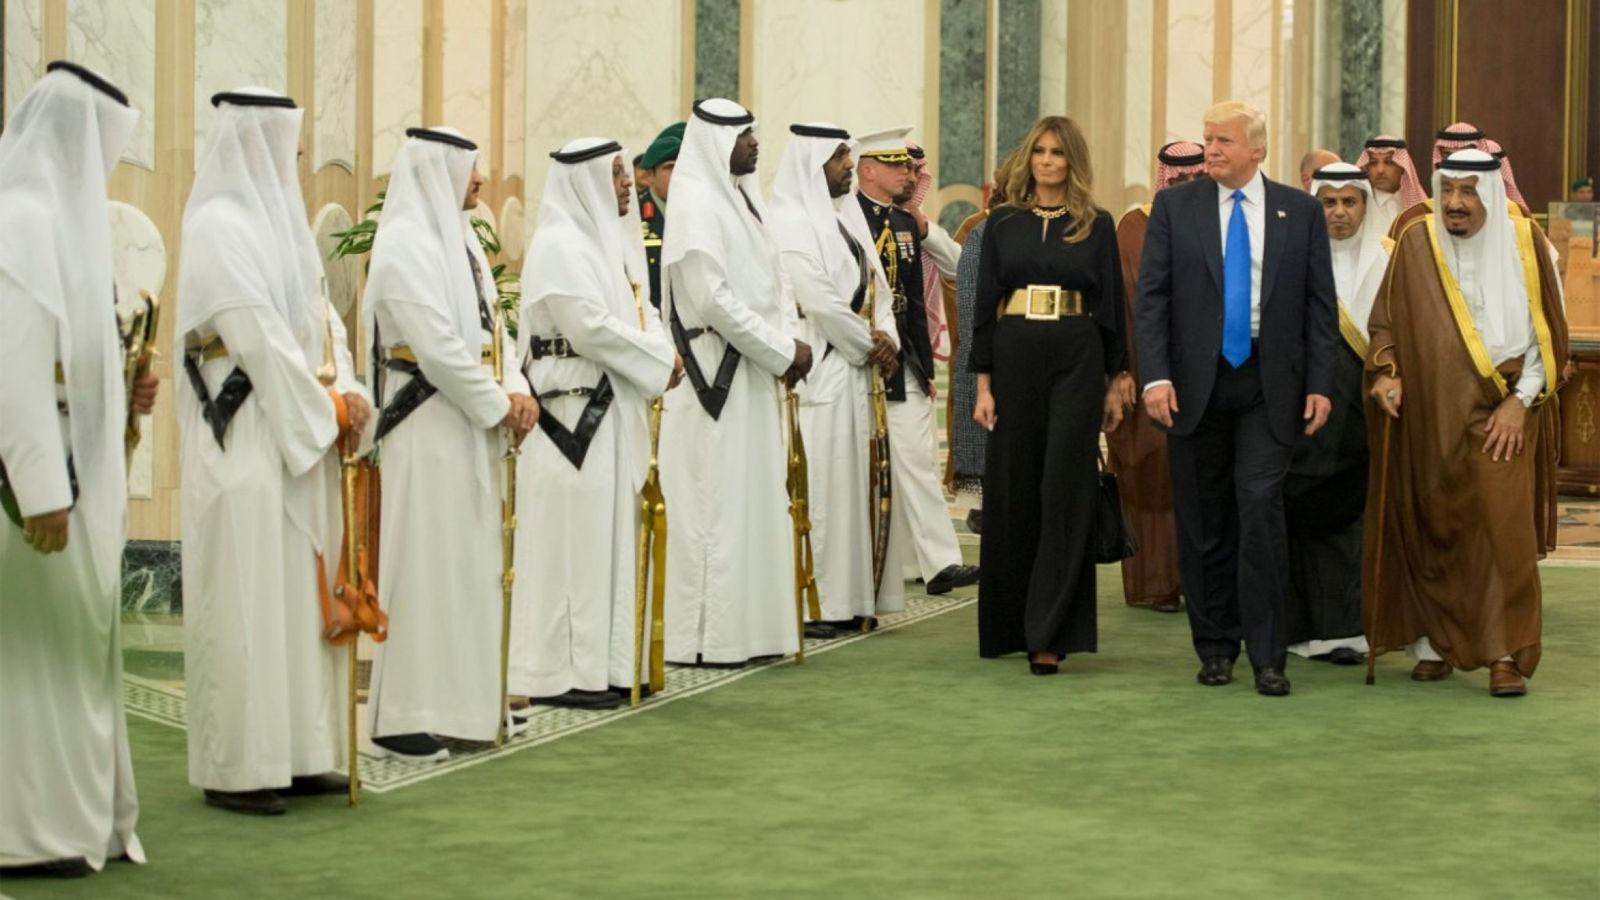 http://shbabbek.com/upload/ترامب حصد كل هذه المكاسب من «البقرة الحلوب».. هكذا استفاد الأمريكان من السعودية